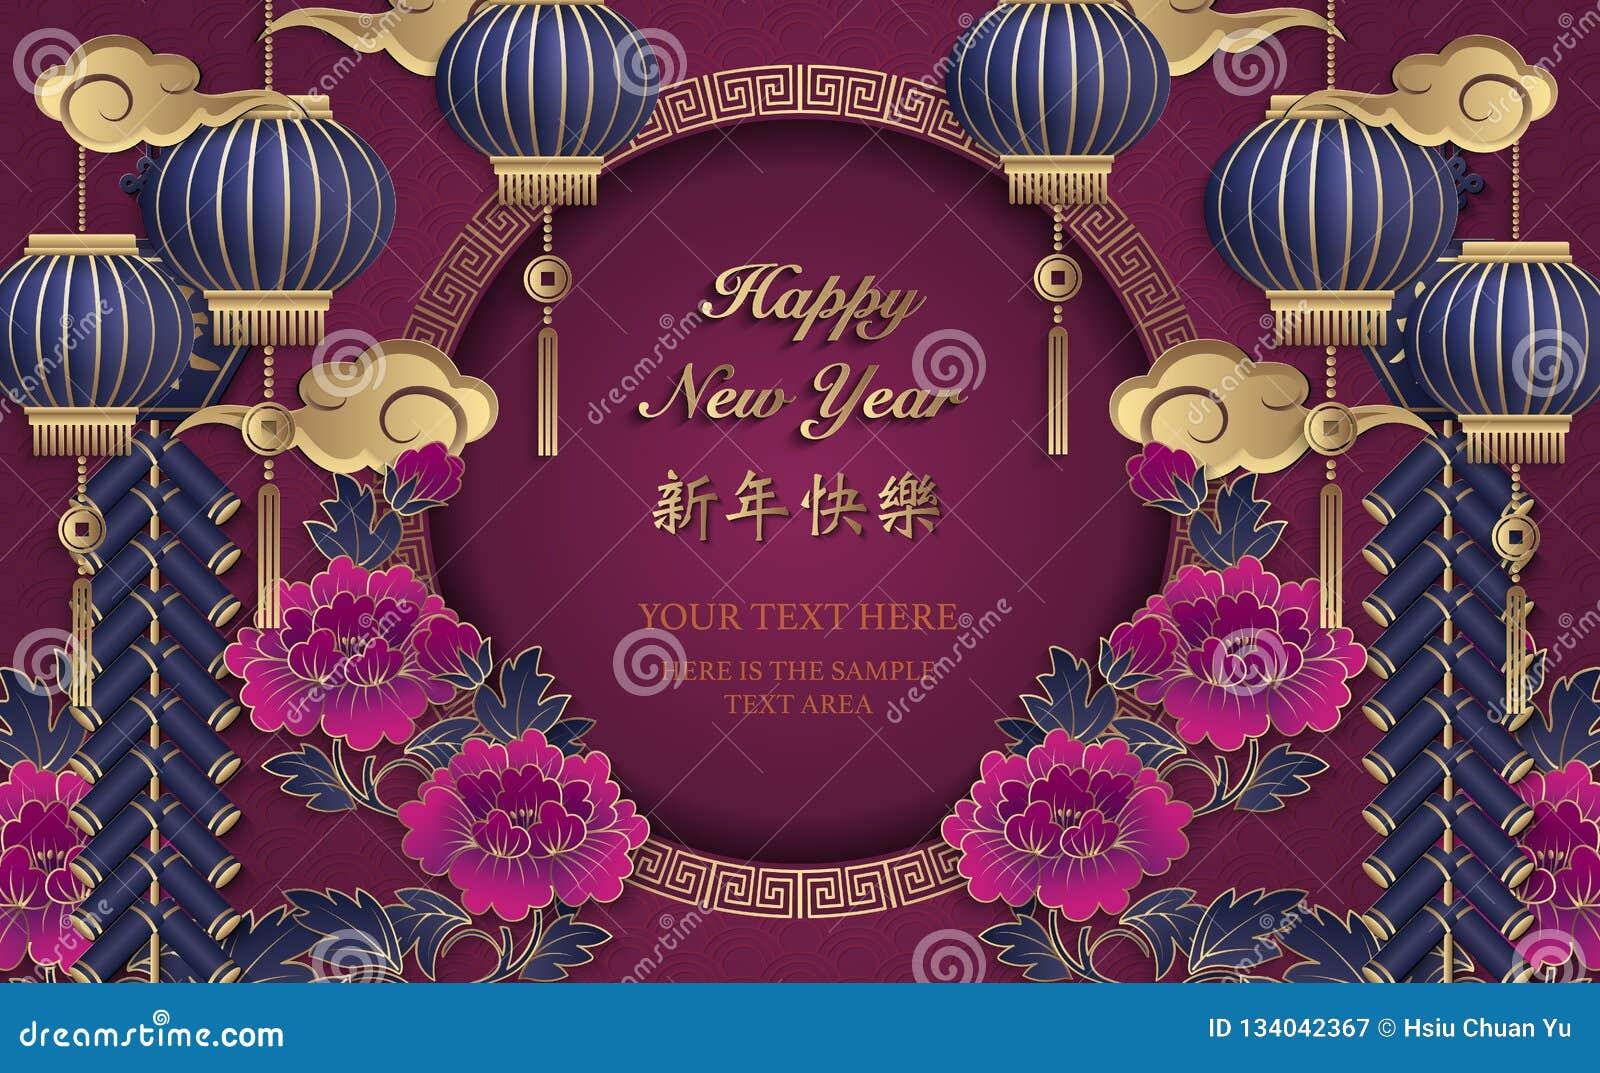 愉快的春节减速火箭的金子紫色安心牡丹花灯笼云彩爆竹和装饰圆的框架